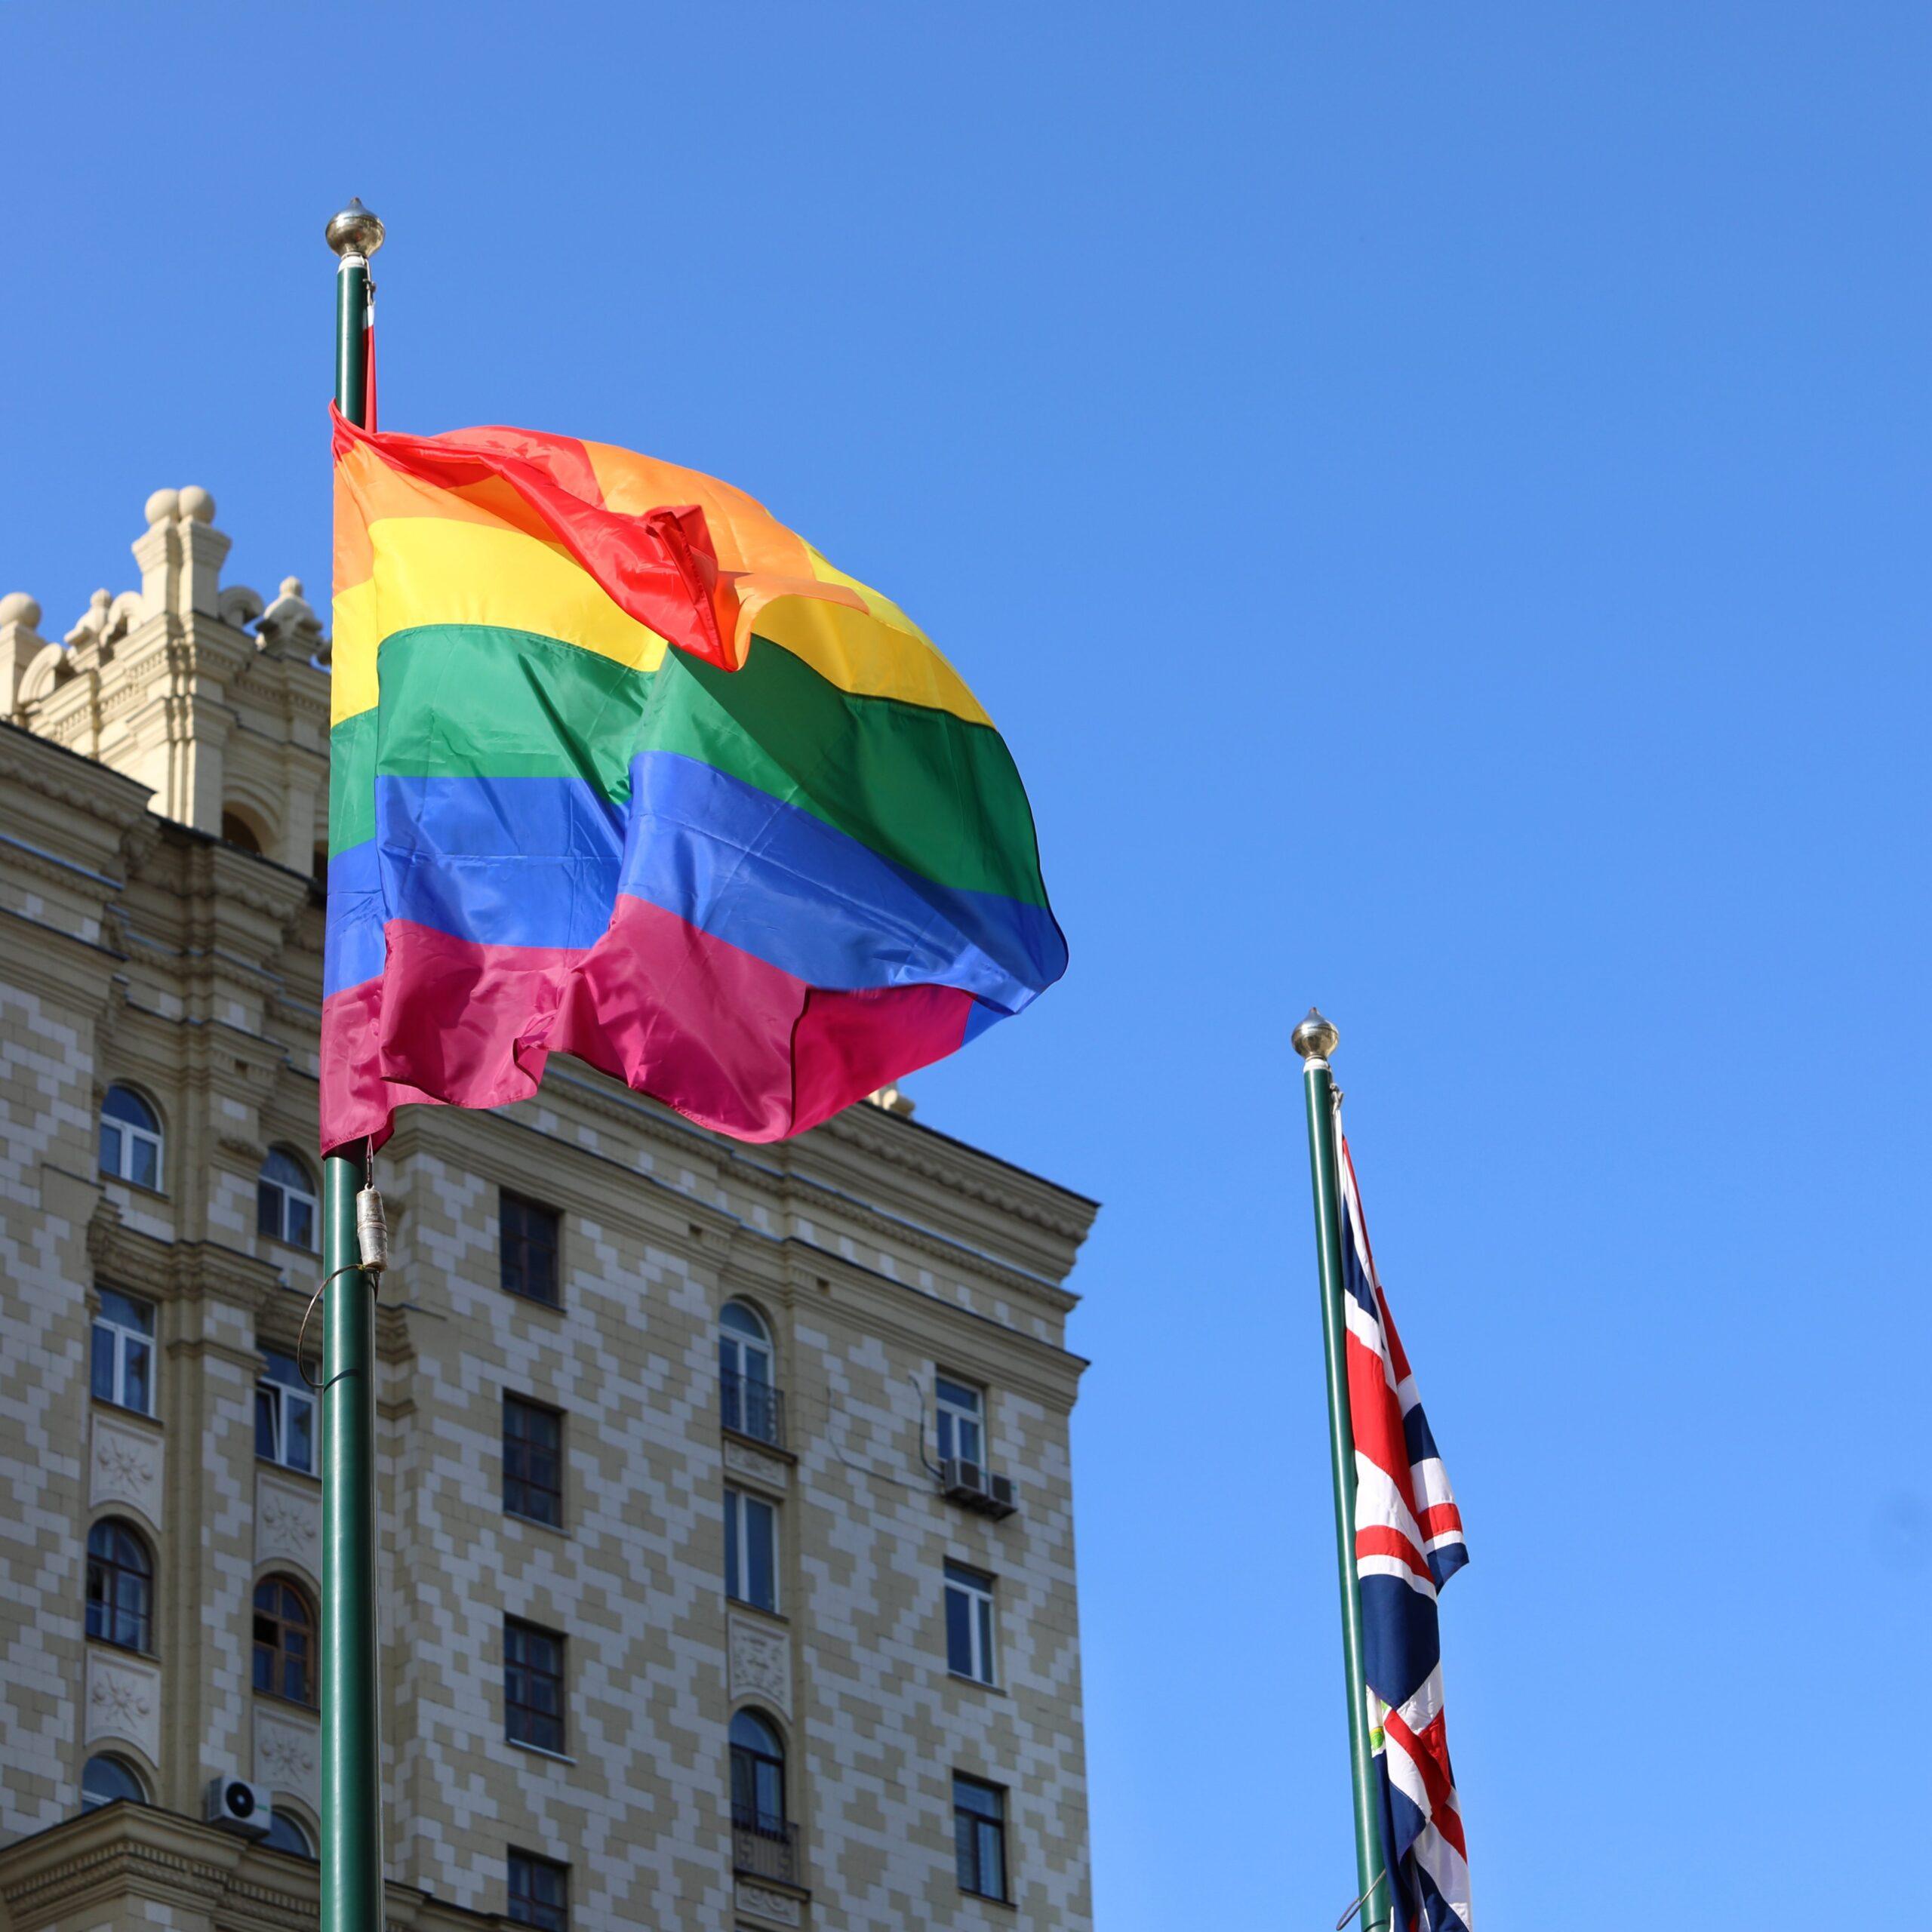 Embajada británica en Moscú iza la bandera arcoíris para conmemorar el Orgullo LGTB